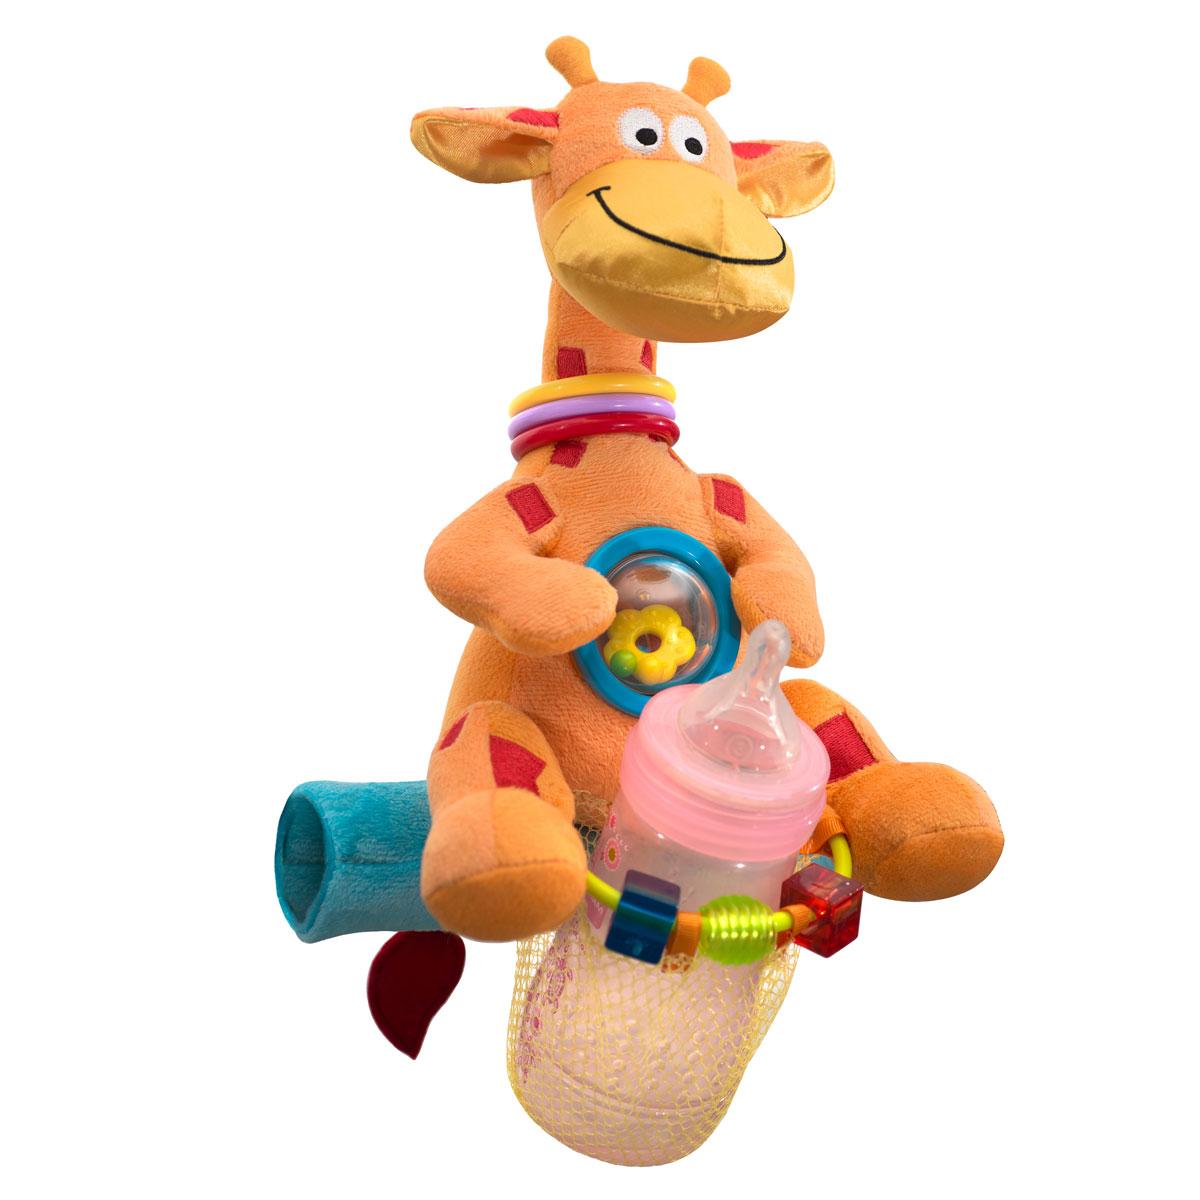 WeeWise Мультиигрушка (Той Бар) для прогулочной коляски Жираф20112Мультиигрушка легко устанавливается на большинстве прогулочных детских колясок. Специальный фиксатор позволяет разместить на ней детскую бутылочку , мультиигрушка снабжена различными погремушками и фигурками. Мультиигрушка способствует развитию зрительного, слухового и тактильного восприятия ребенка, а также тренирует мелкую моторику